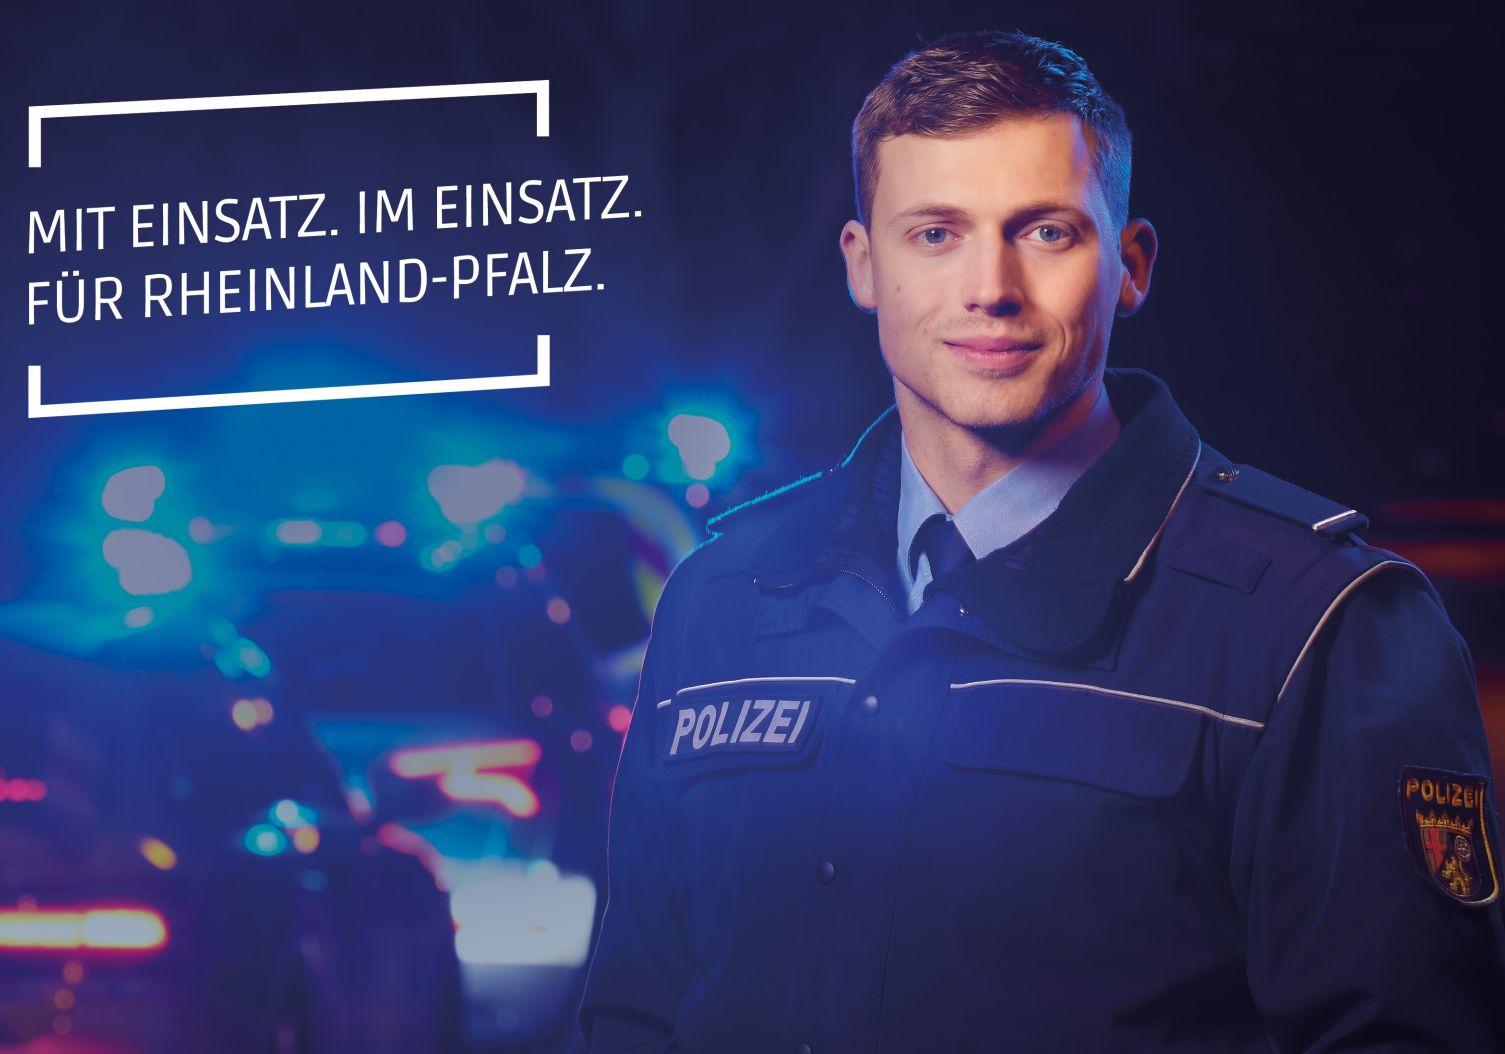 online bewerbung - Bewerbung Bei Der Polizei